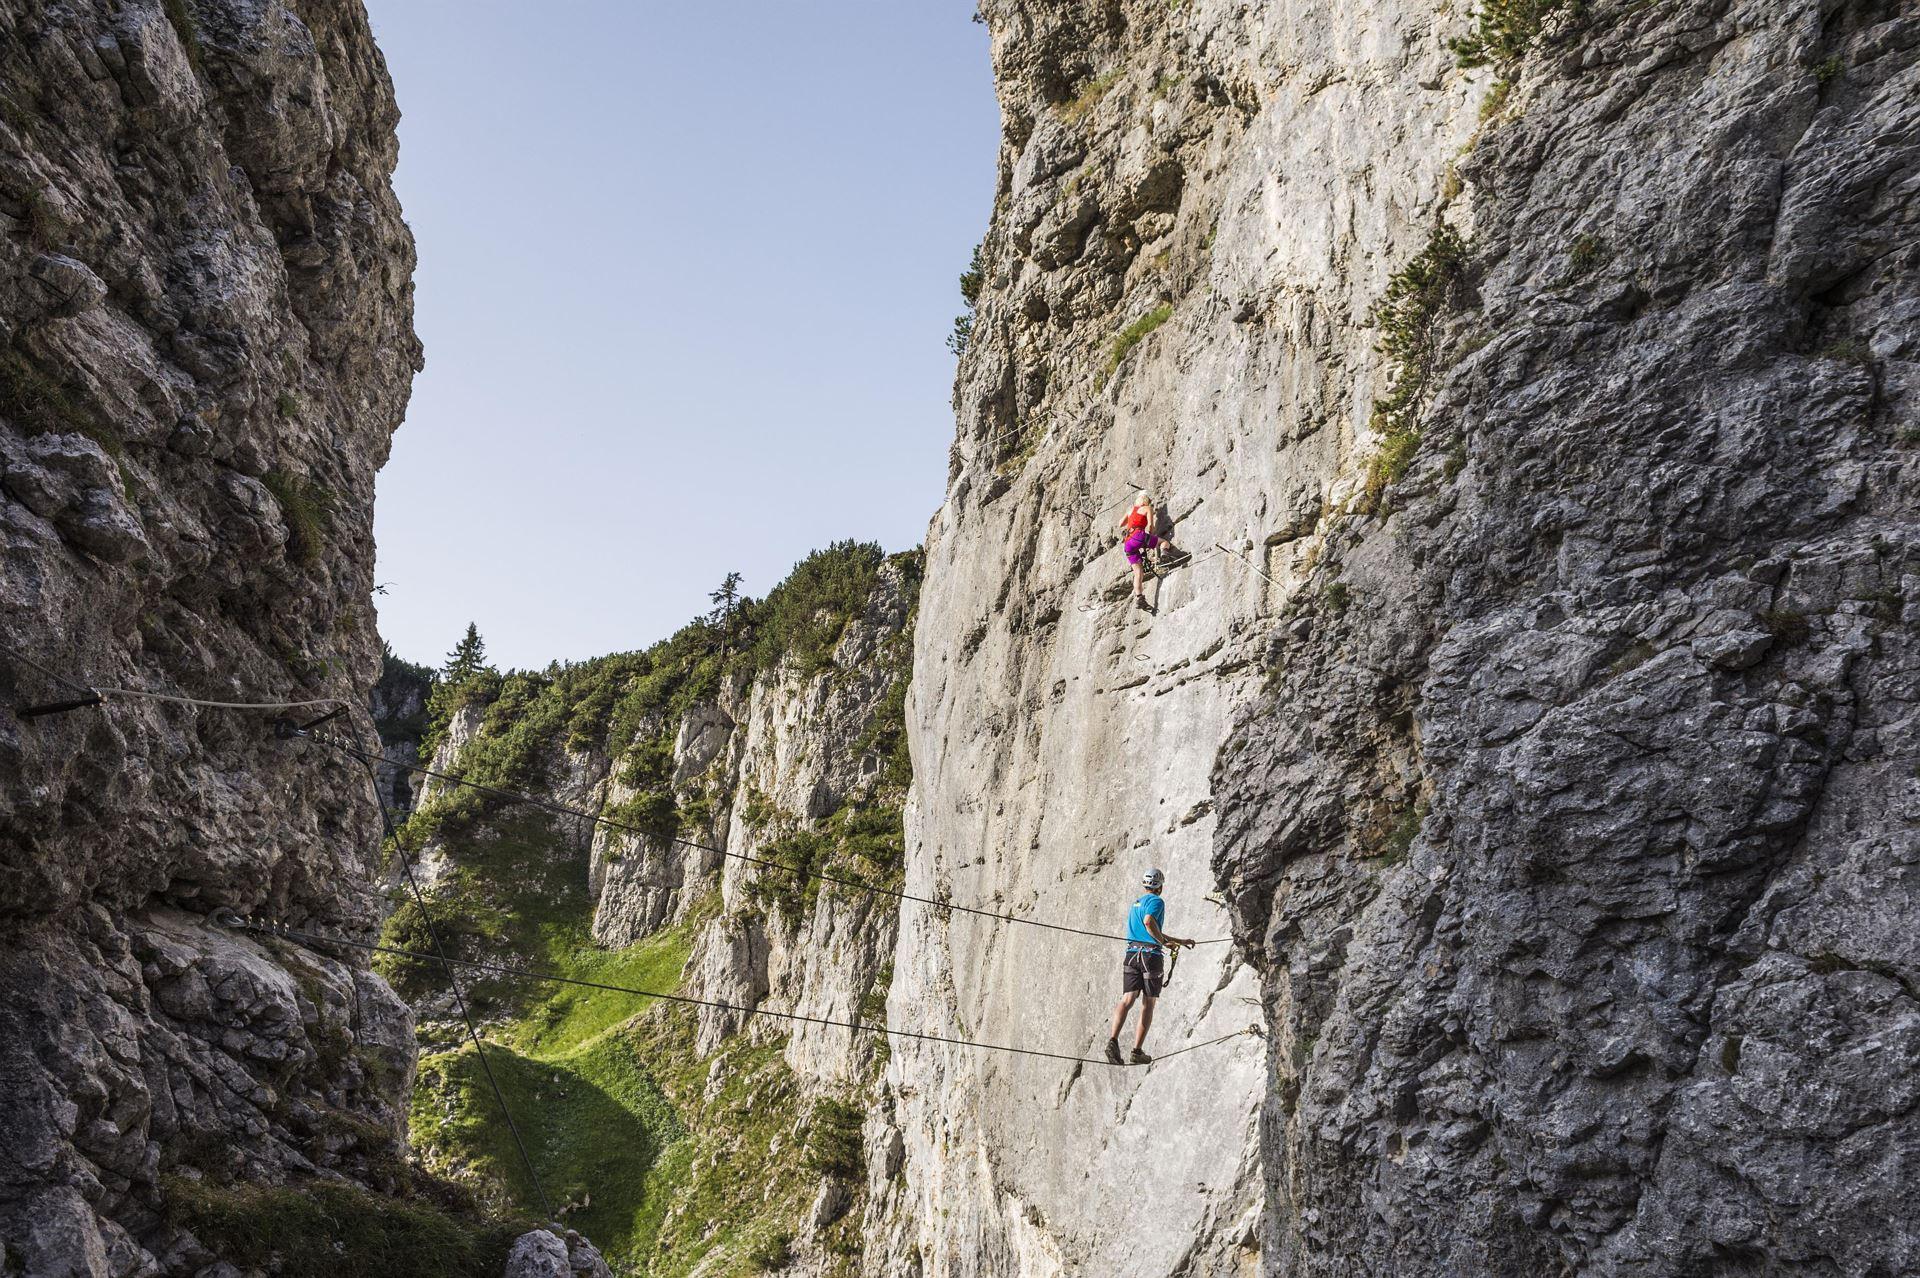 Klettersteig In English : Klettersteig gantrisch bern tourism